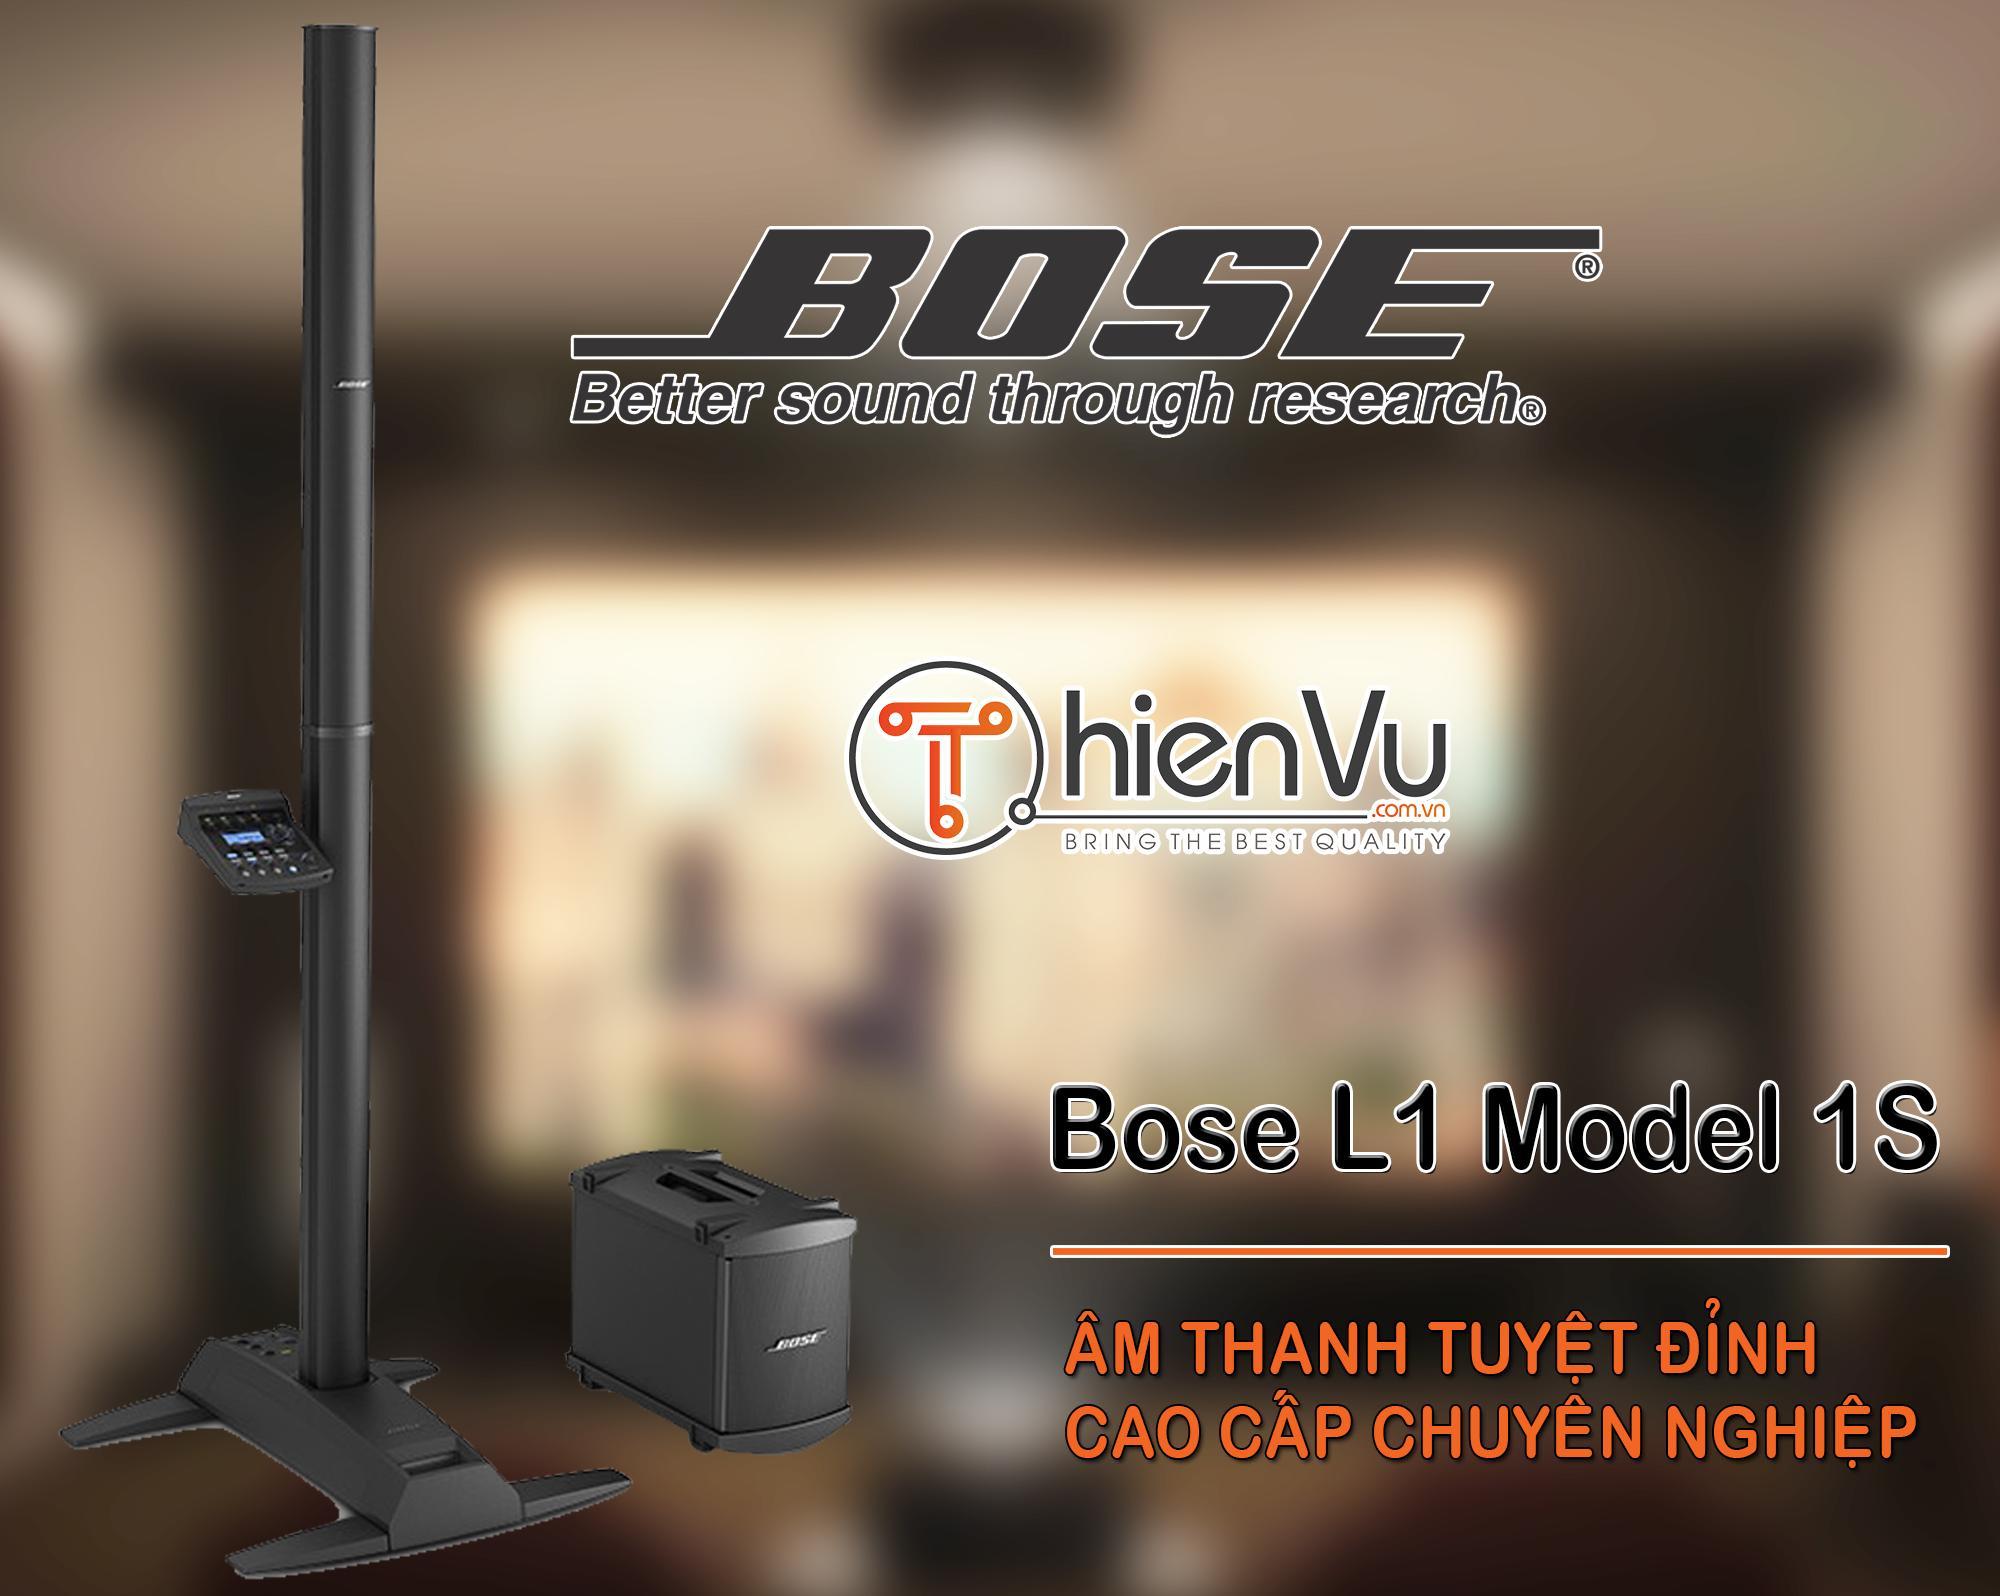 Loa Bose L1 Model 1S thực tế